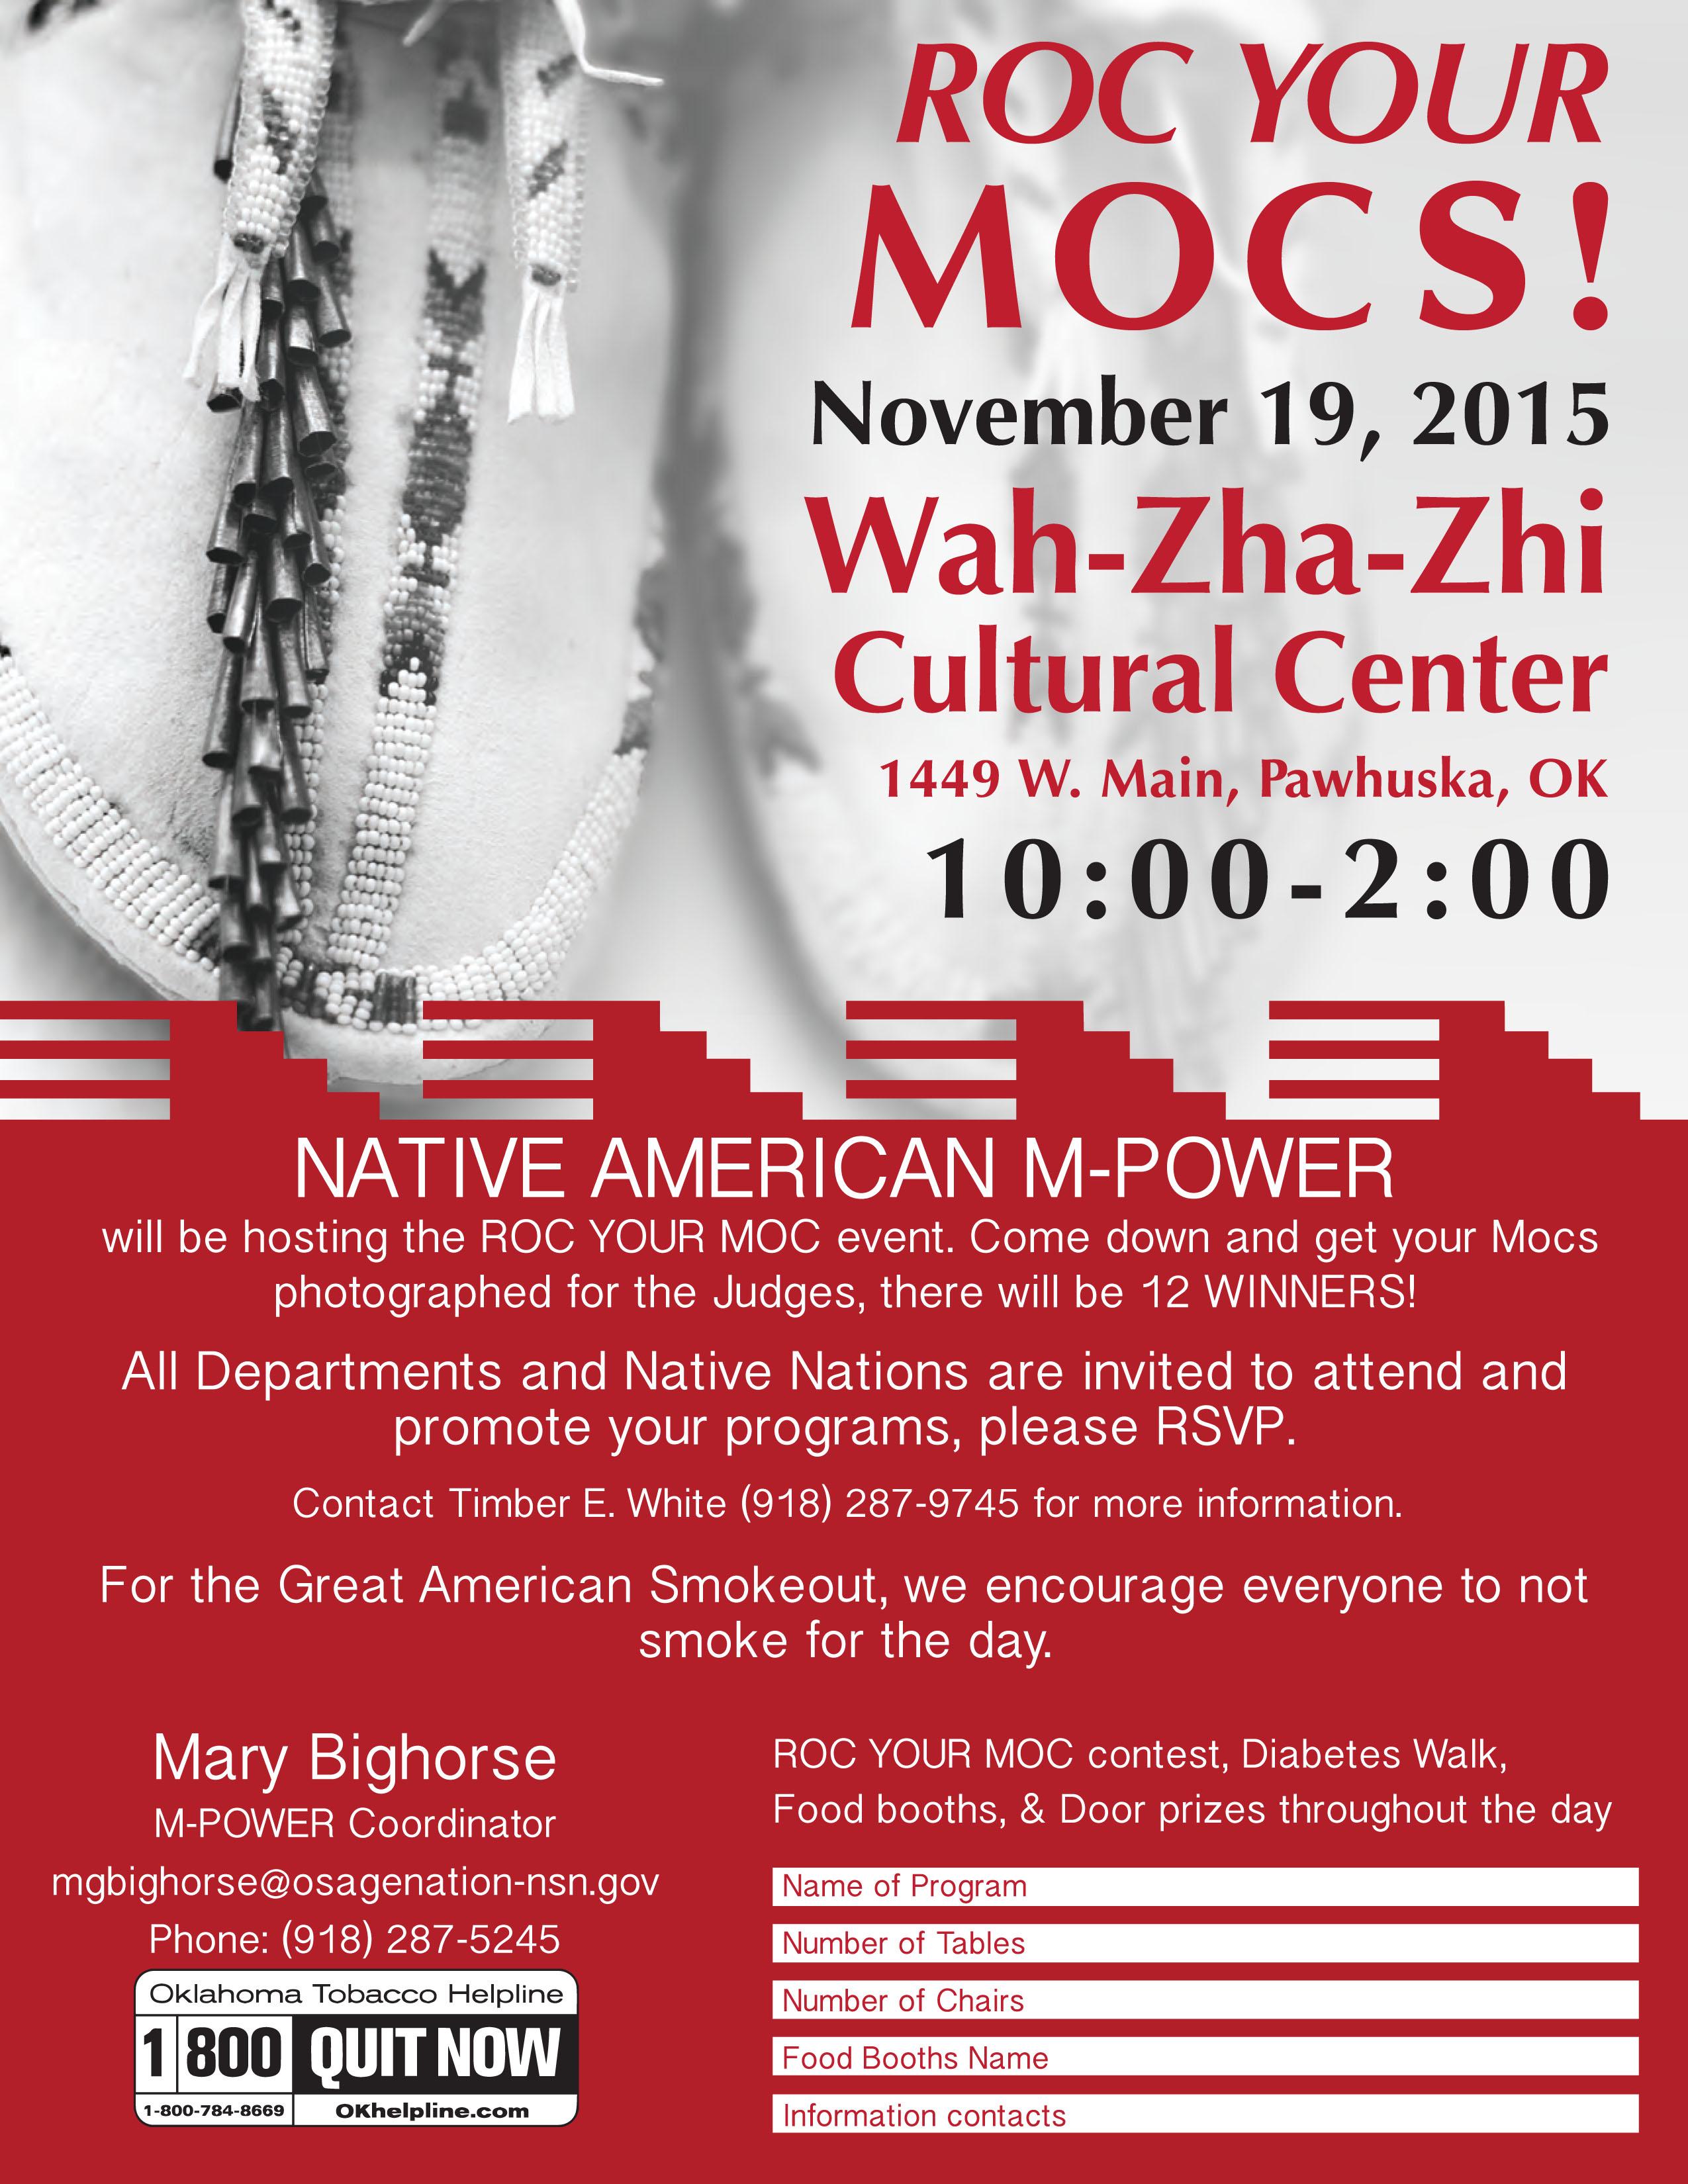 Roc Your Mocs Nov. 19 at the Wah-Zha-Zhi Cultural Center